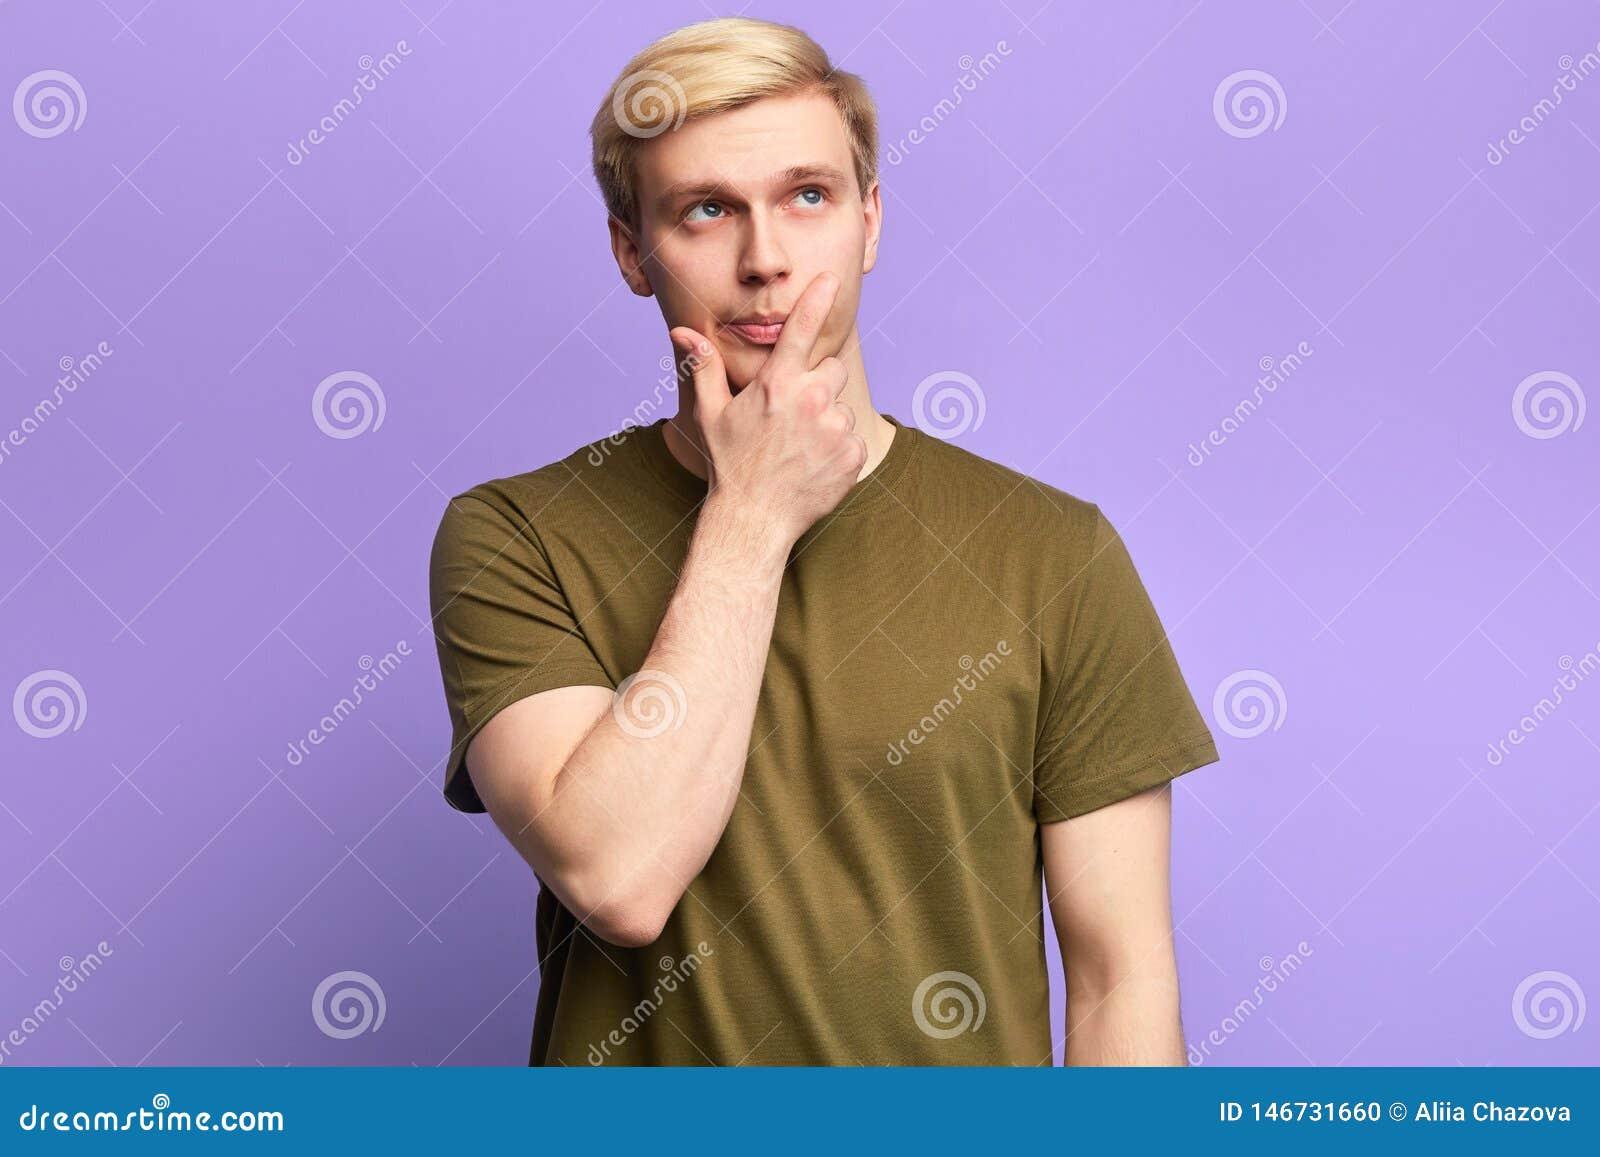 Przystojny poważny młody człowiek przyglądający w górę rozważnego spojrzenia z